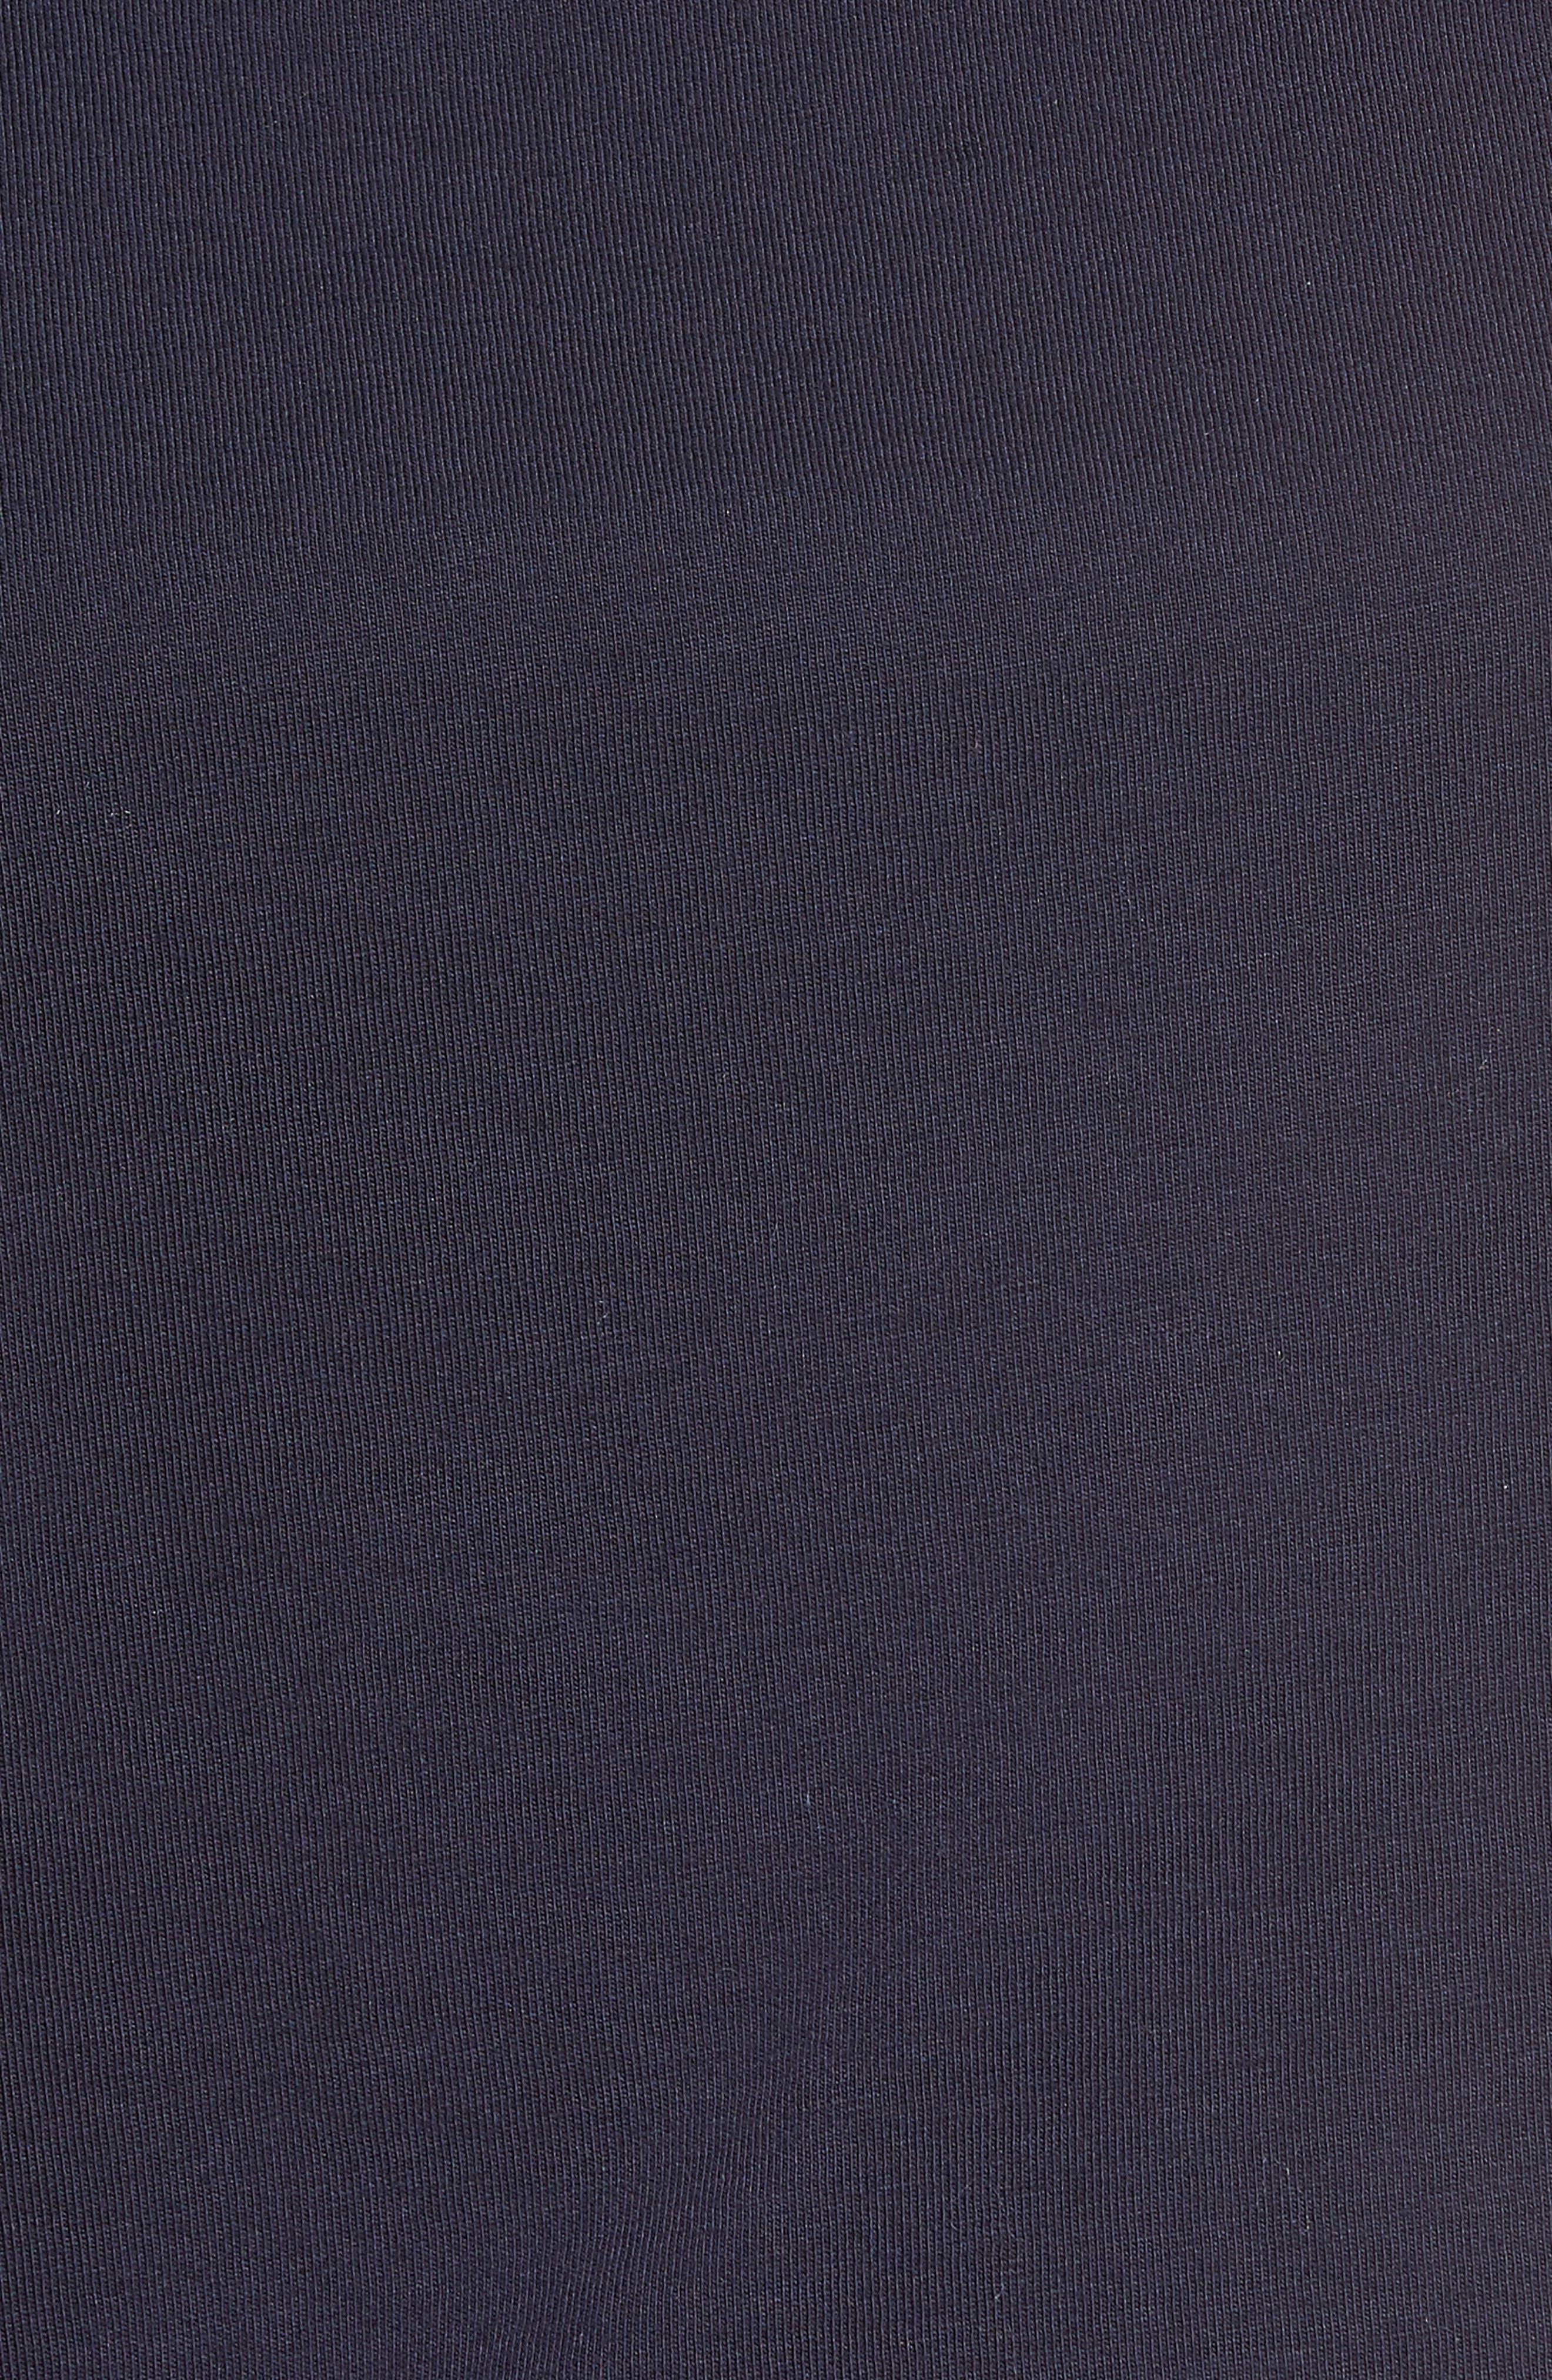 Alternate Image 5  - 1901 Ruffle Sleeve Tee